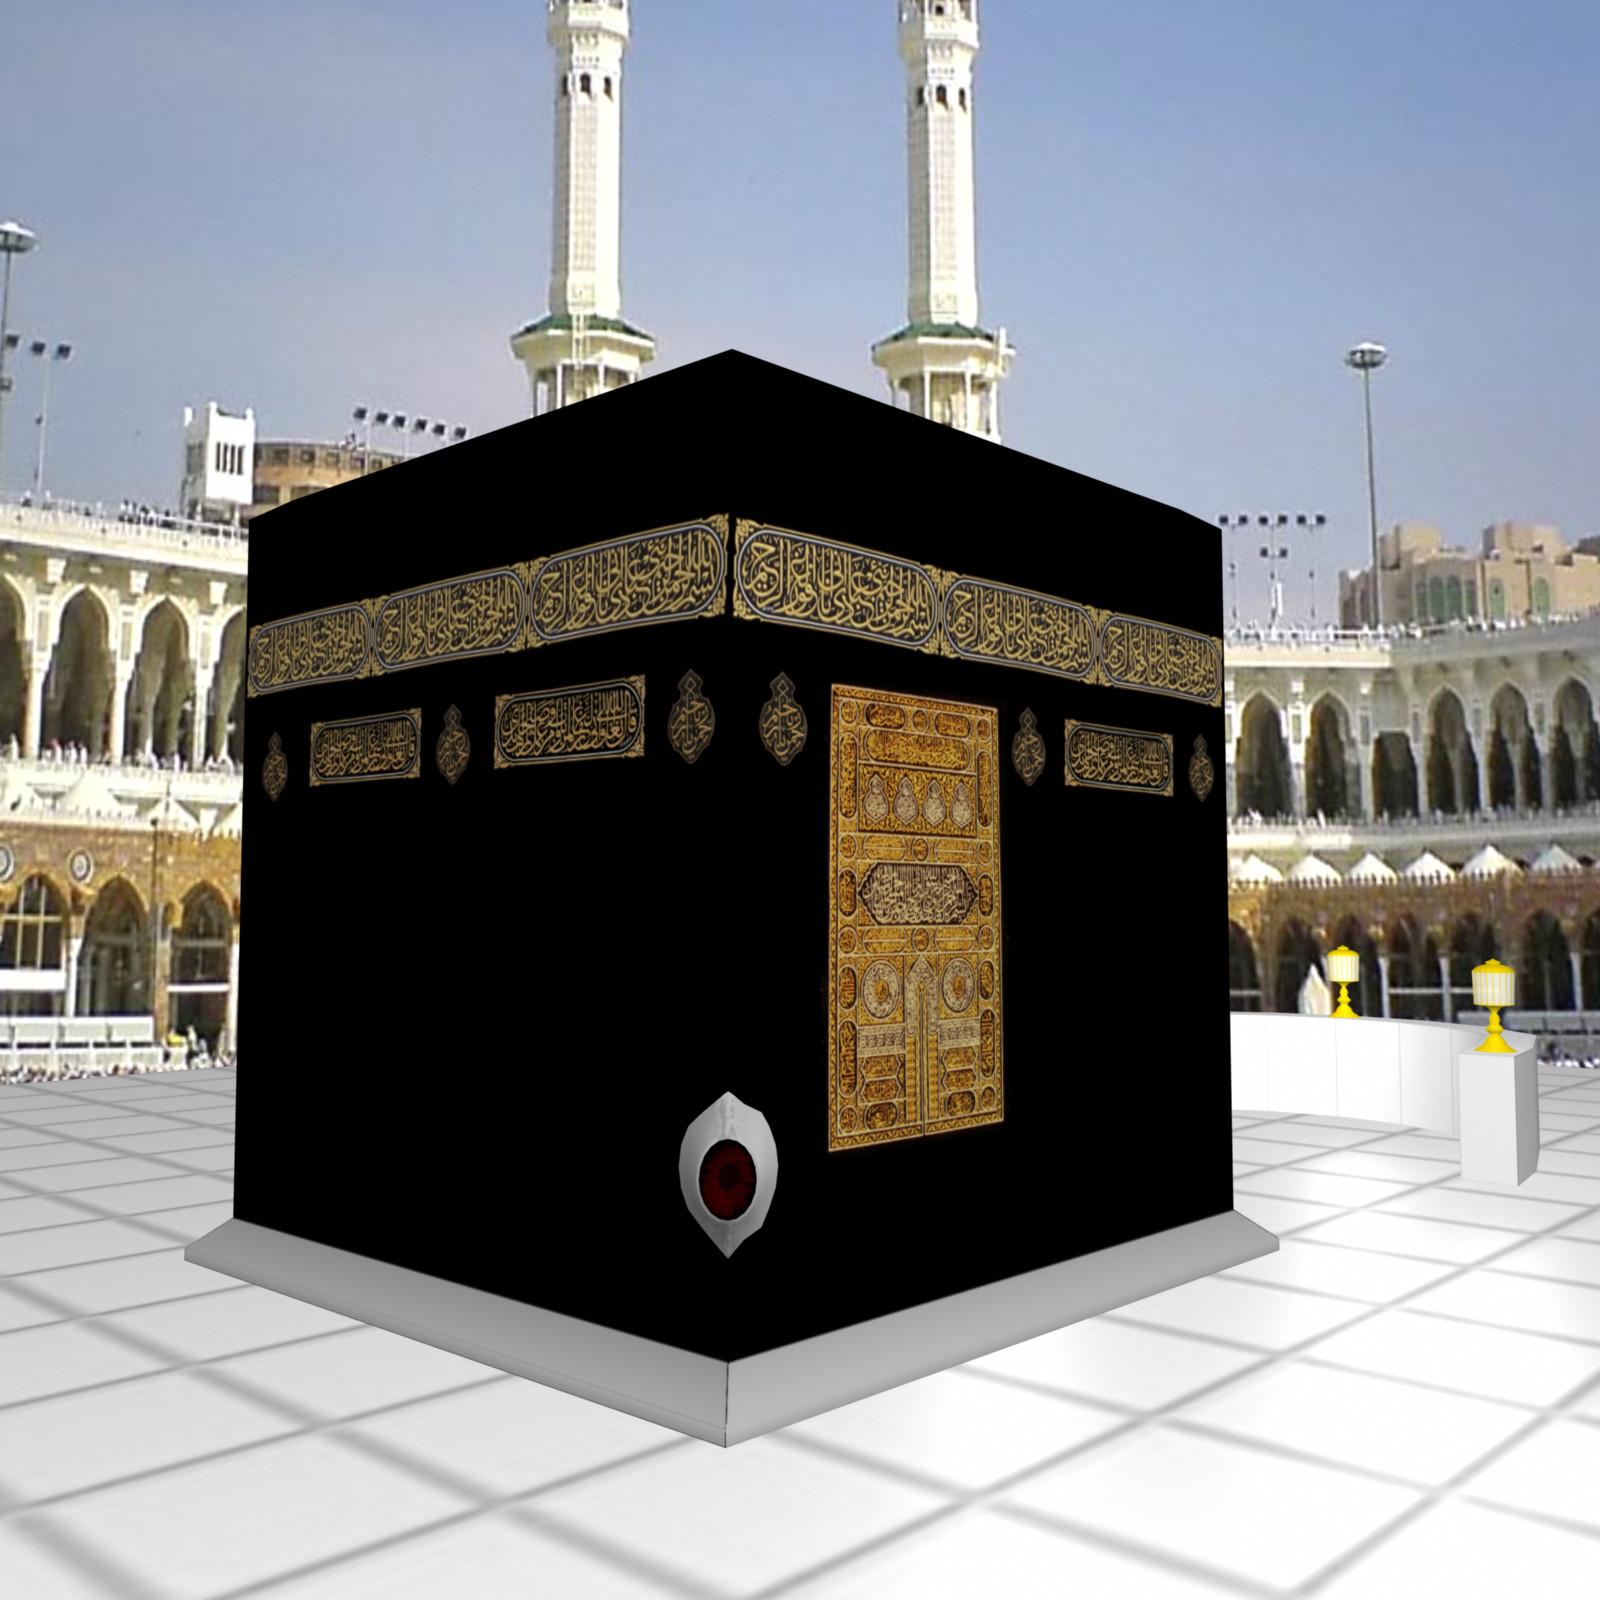 Кааба (мекка) ???? описание и фото, как выглядит внутри, черный камень каабы, где находится святыня, история мечети, мусульманские реликвии, кибла и кисва